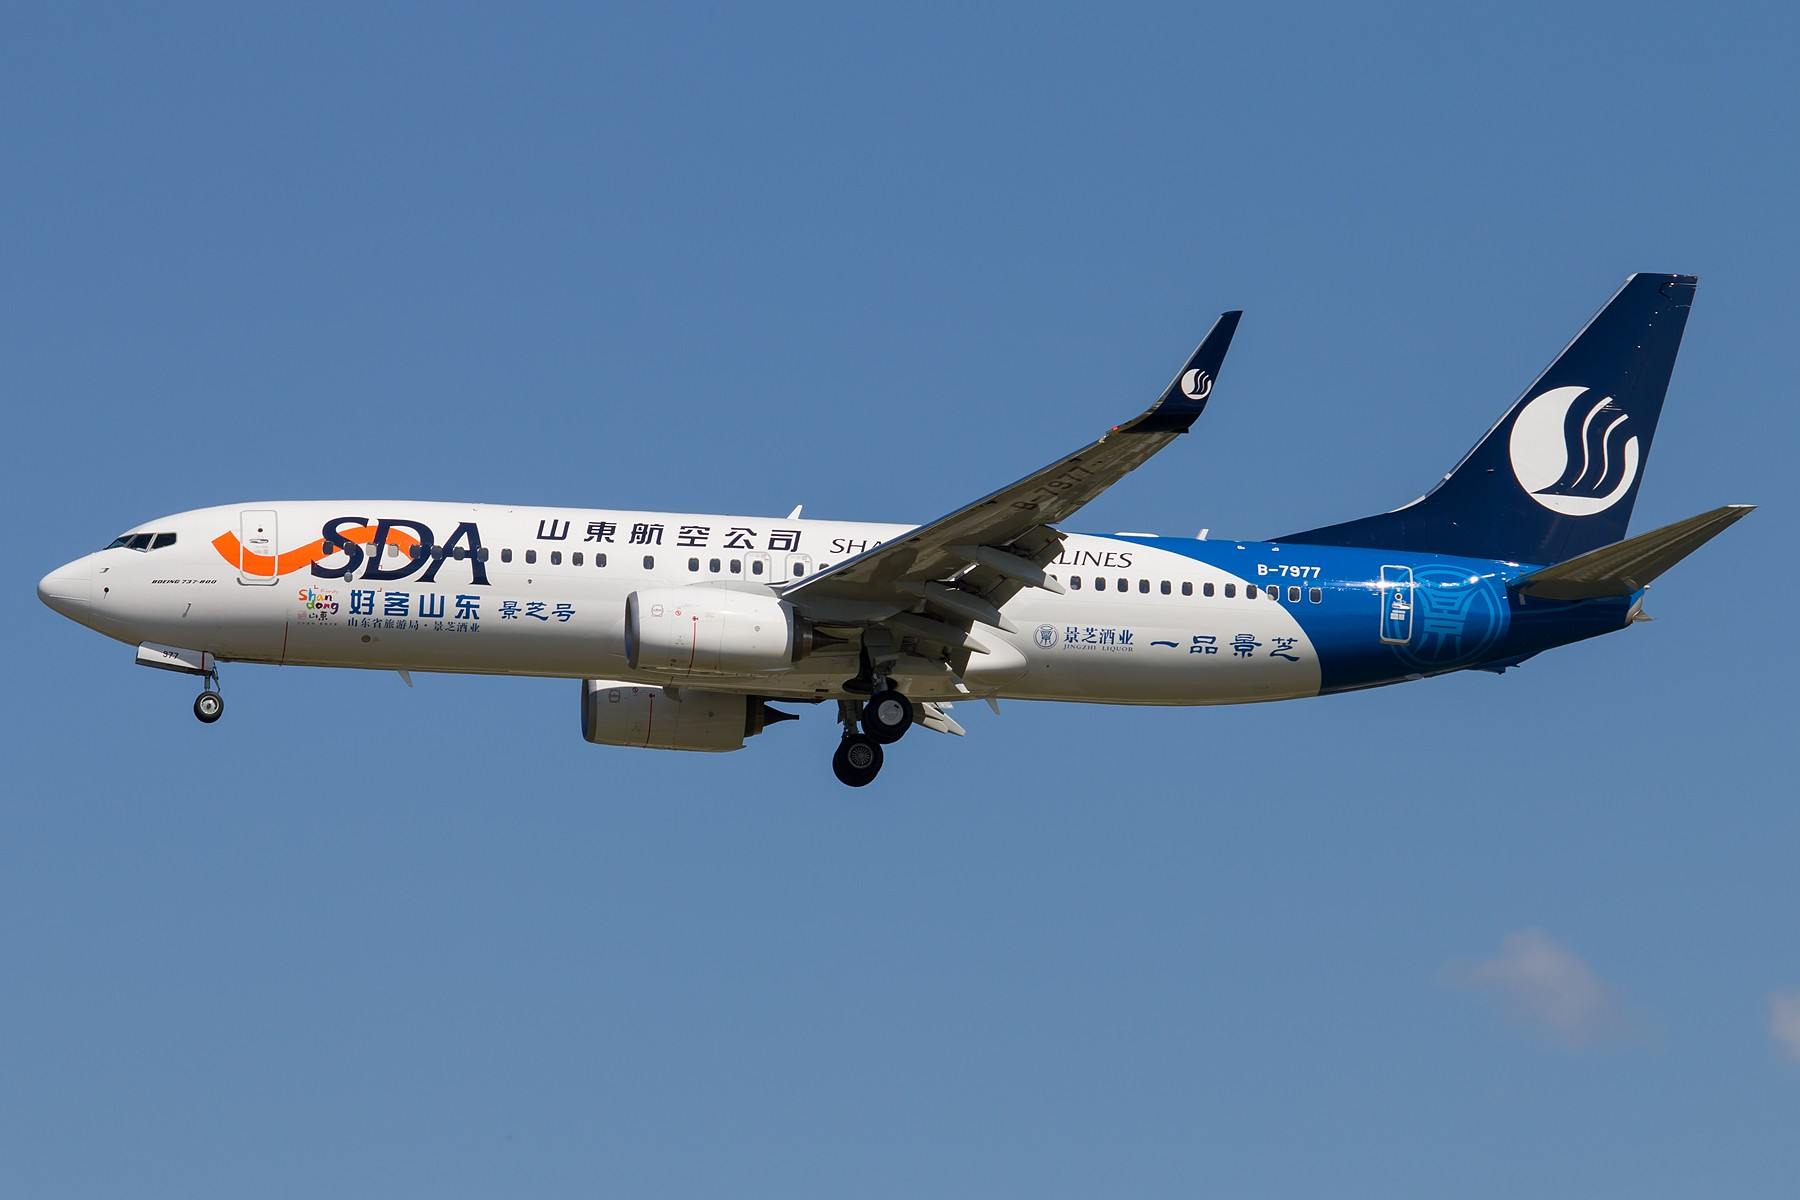 [原创][一图党] 山东航空 景芝号 1800*1200 BOEING 737-800 B-7977 中国北京首都国际机场